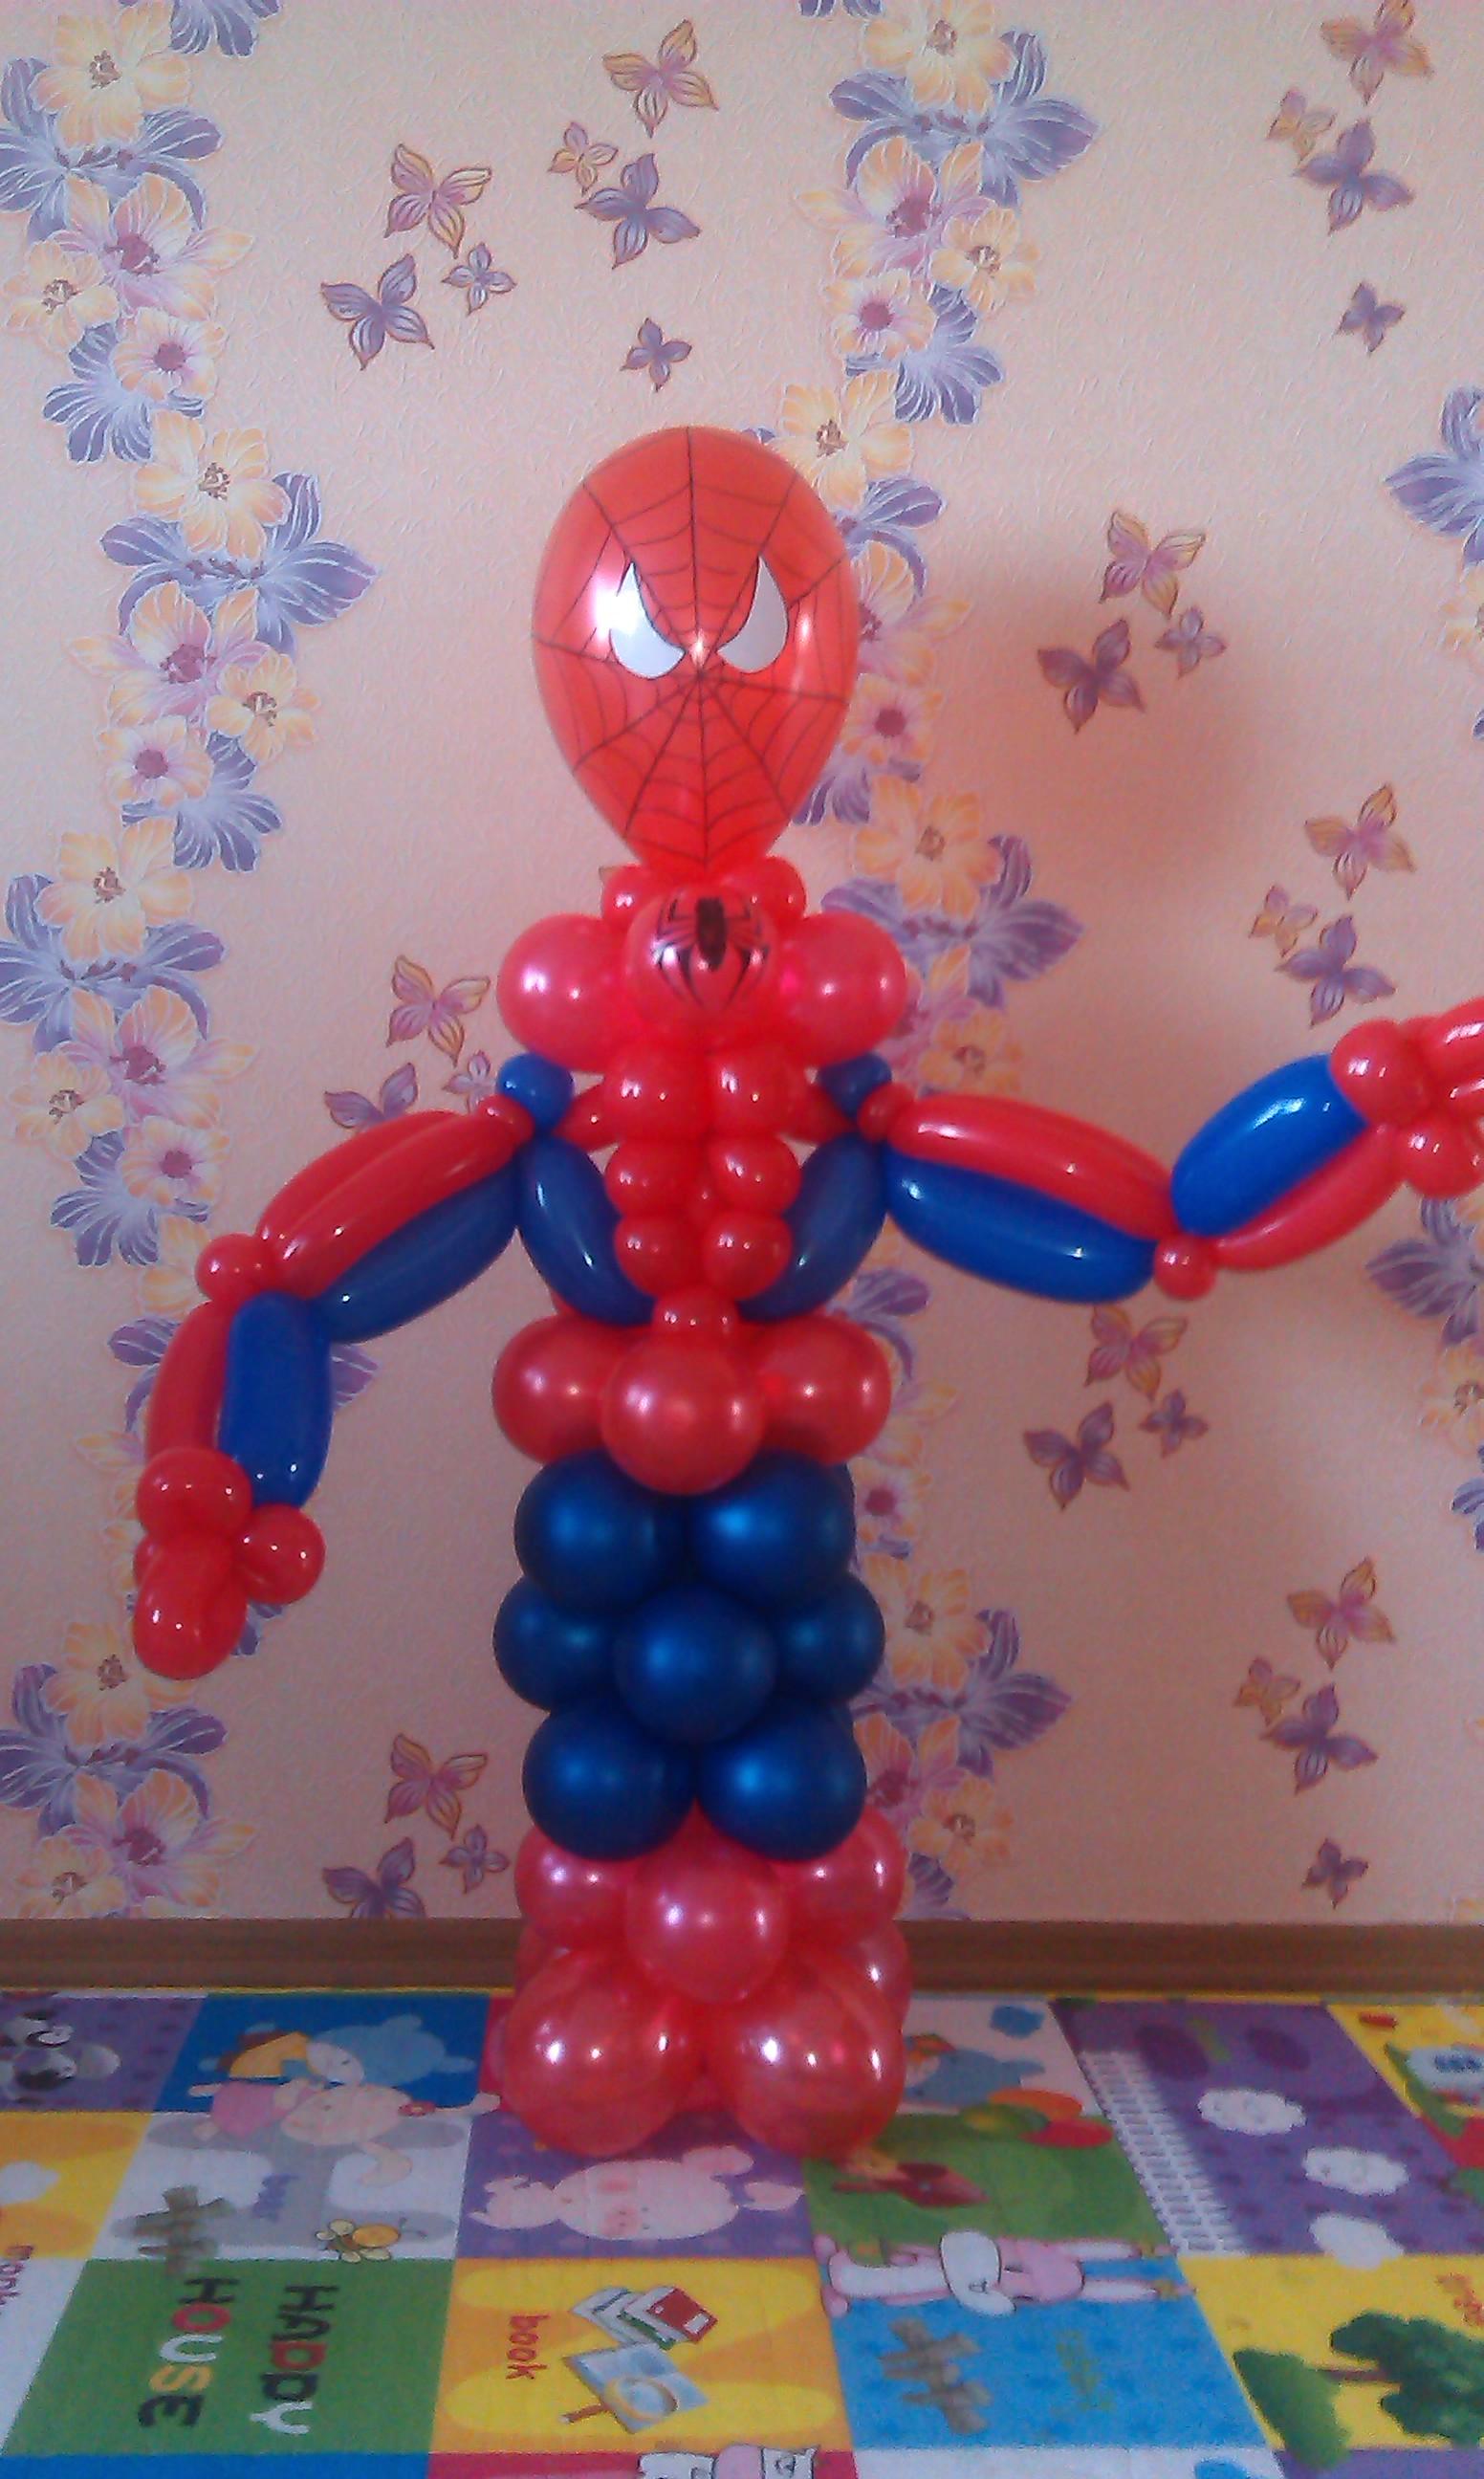 Как сделать фигуры из шаров своими руками. Пошаговые инструкции с фото